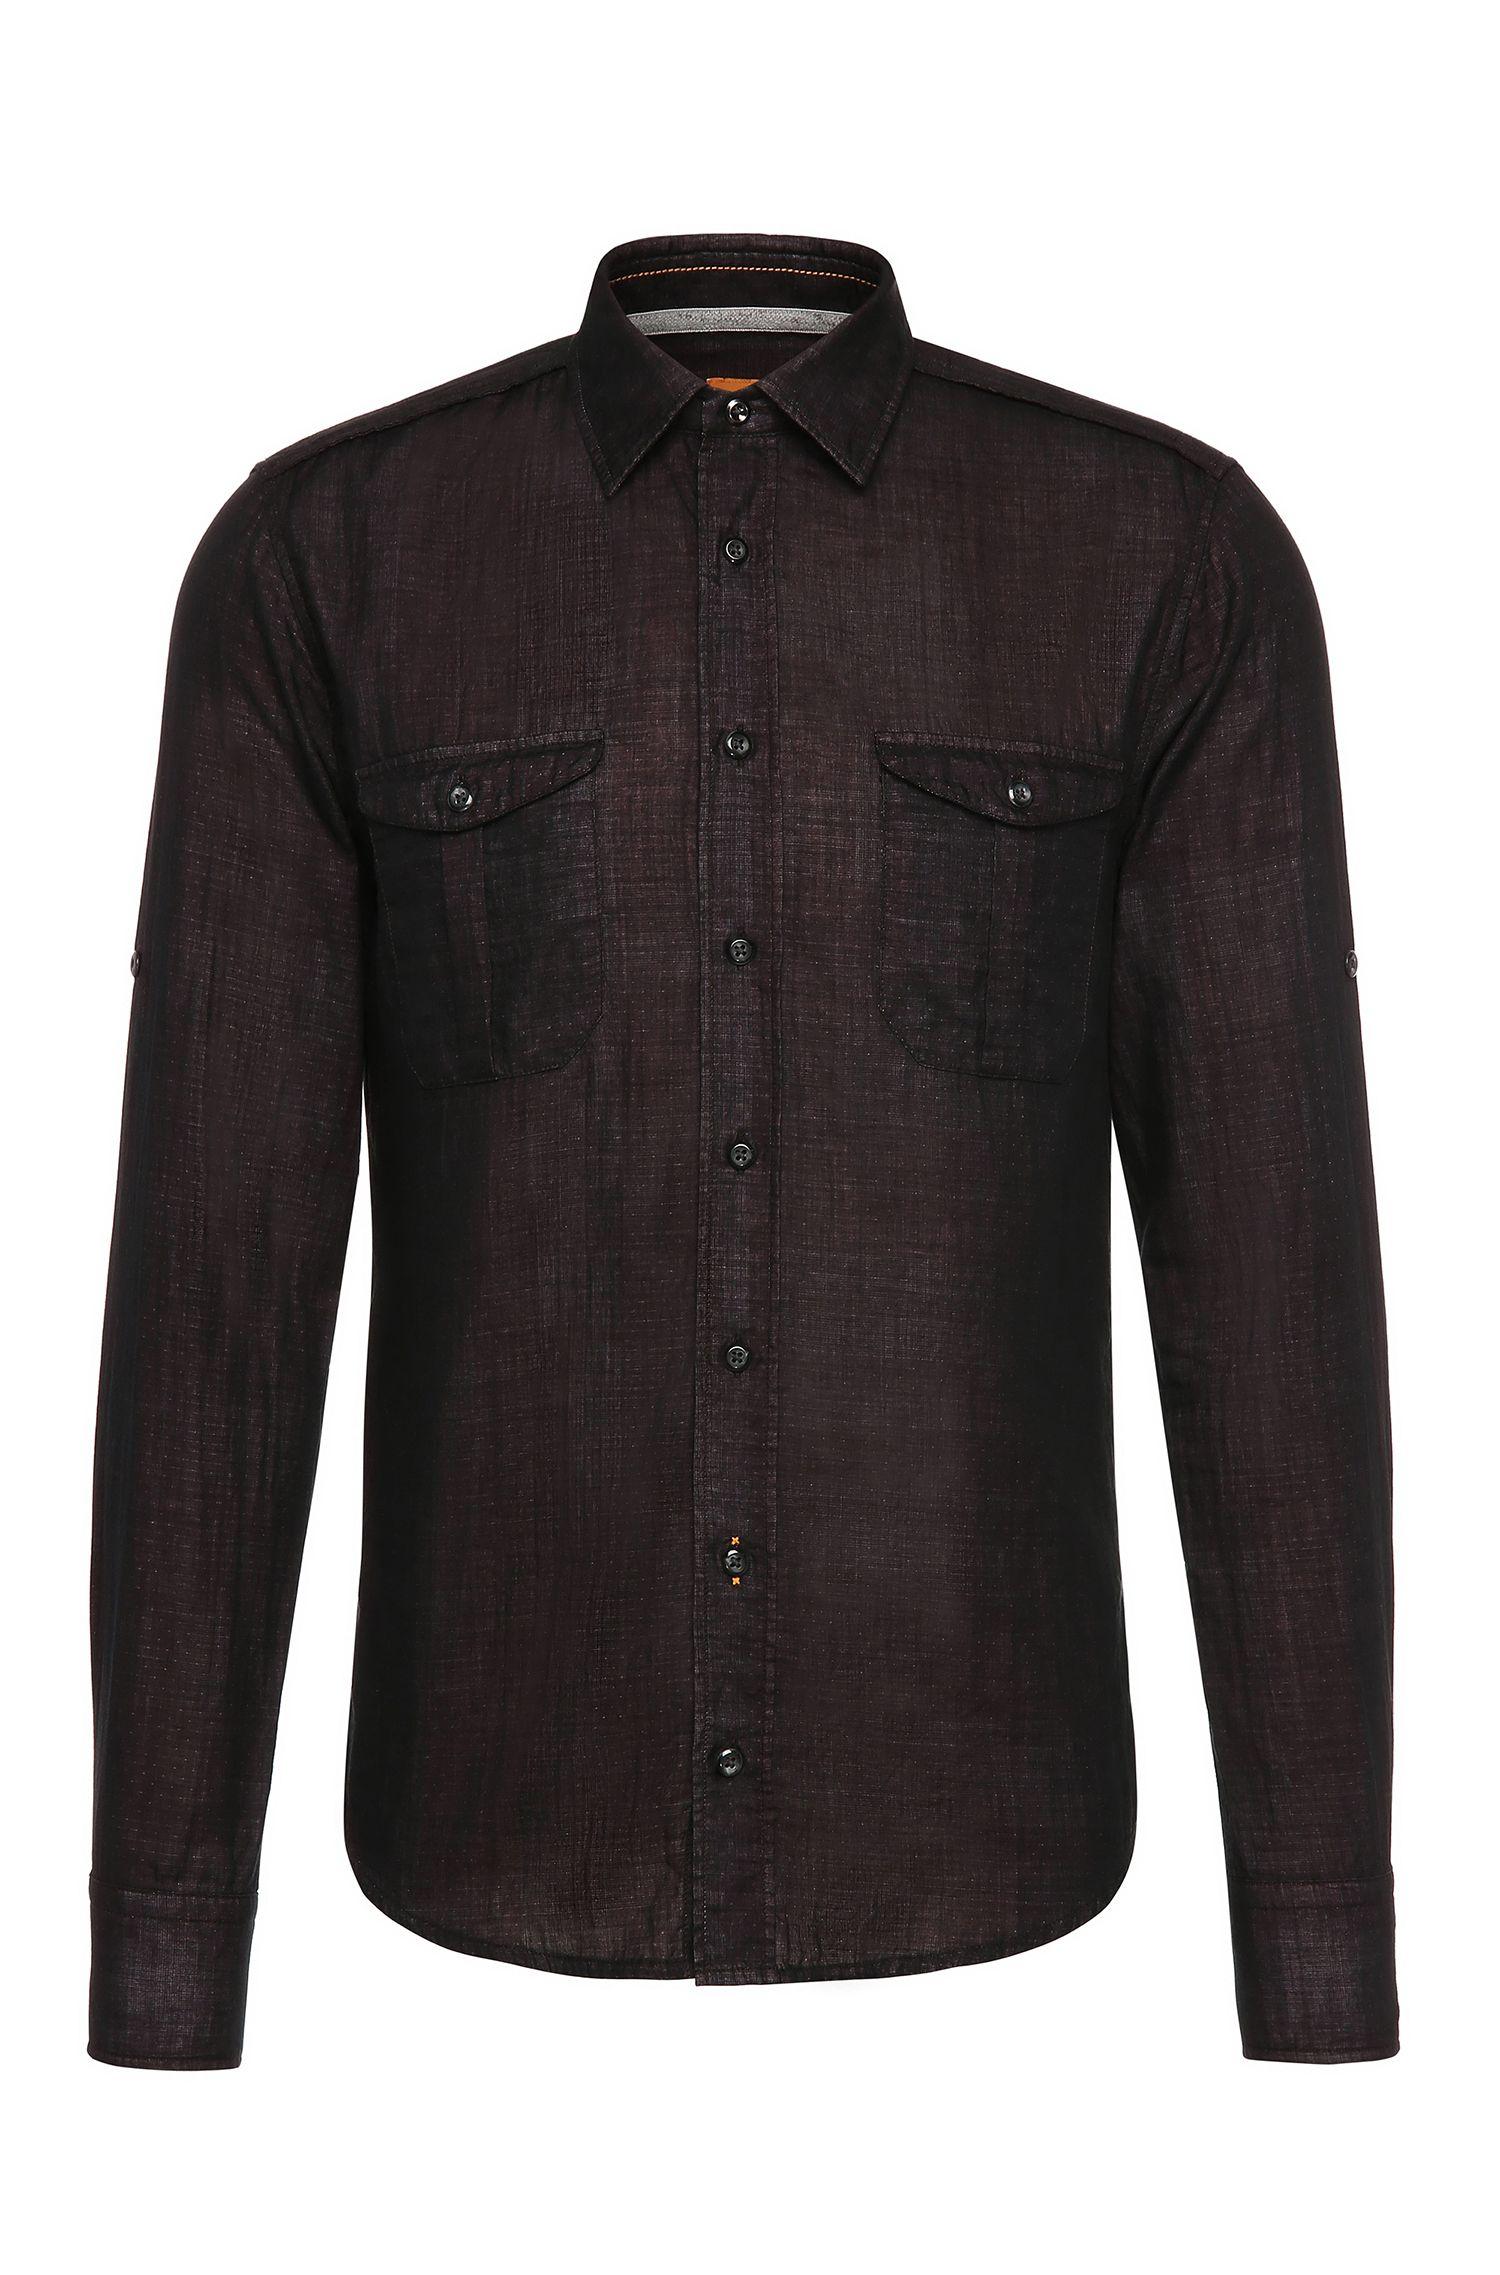 Cotton Button Down Shirt, Slim Fit | CadettoE